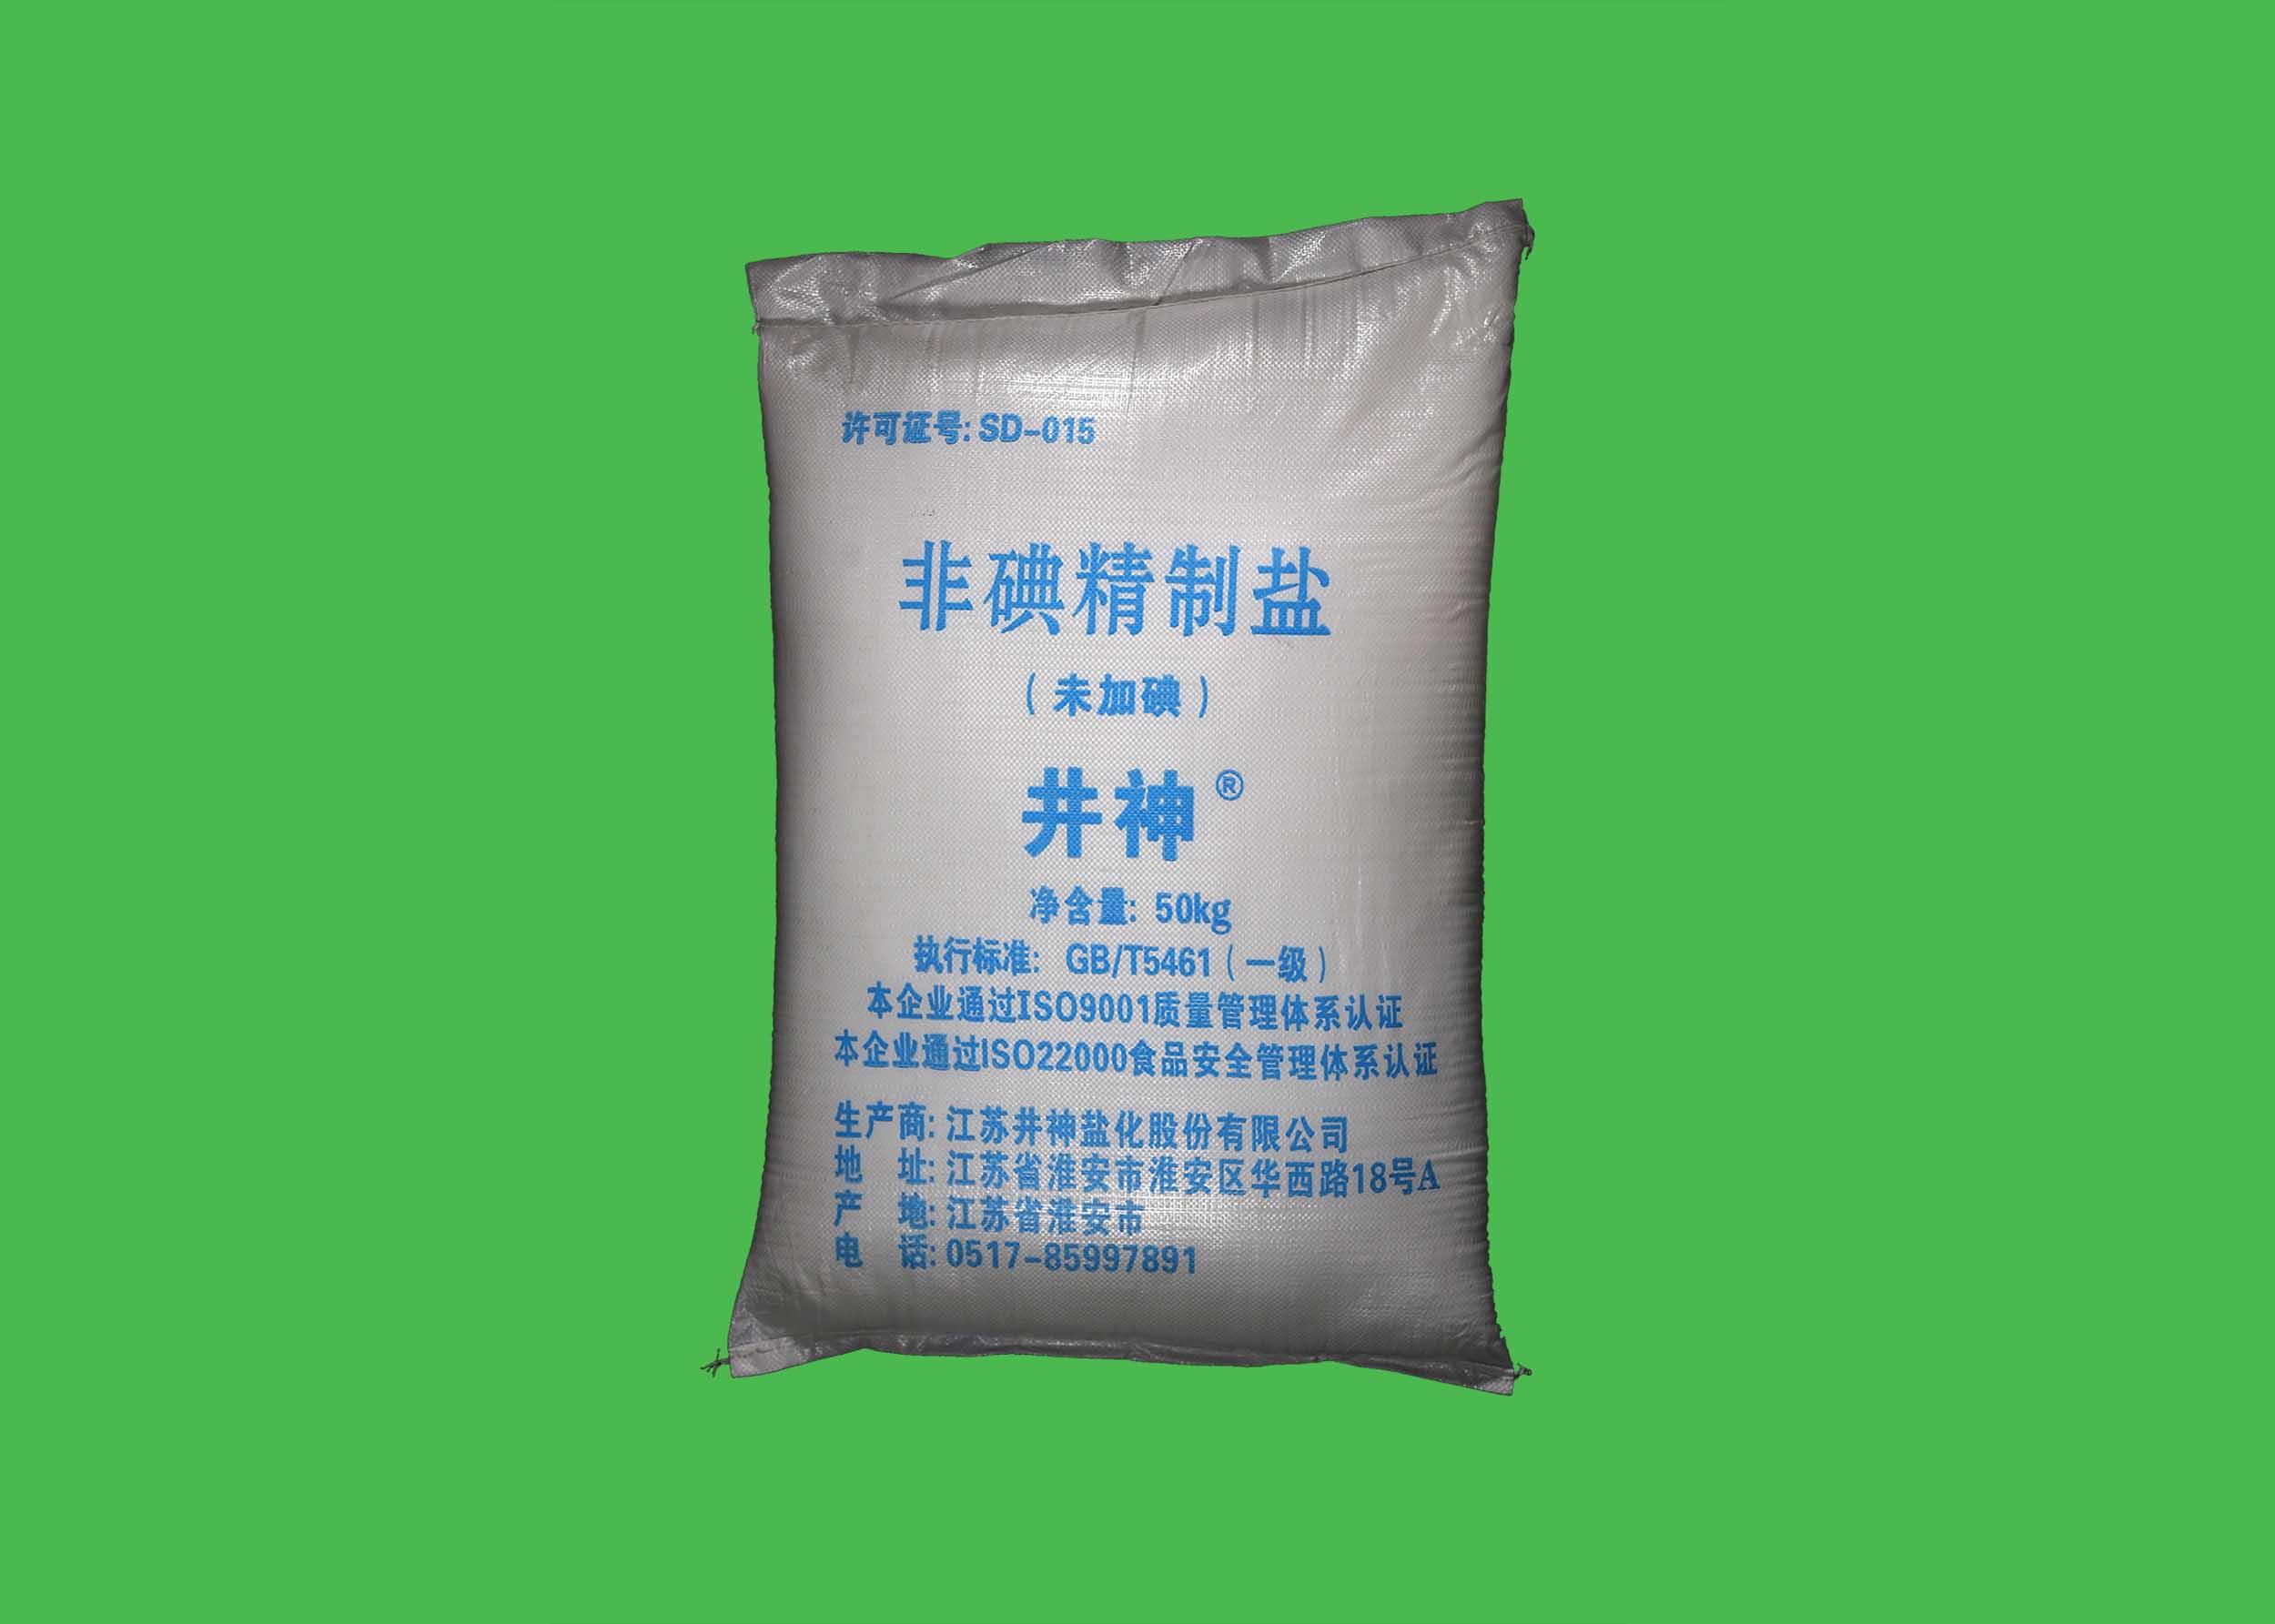 非碘精制盐